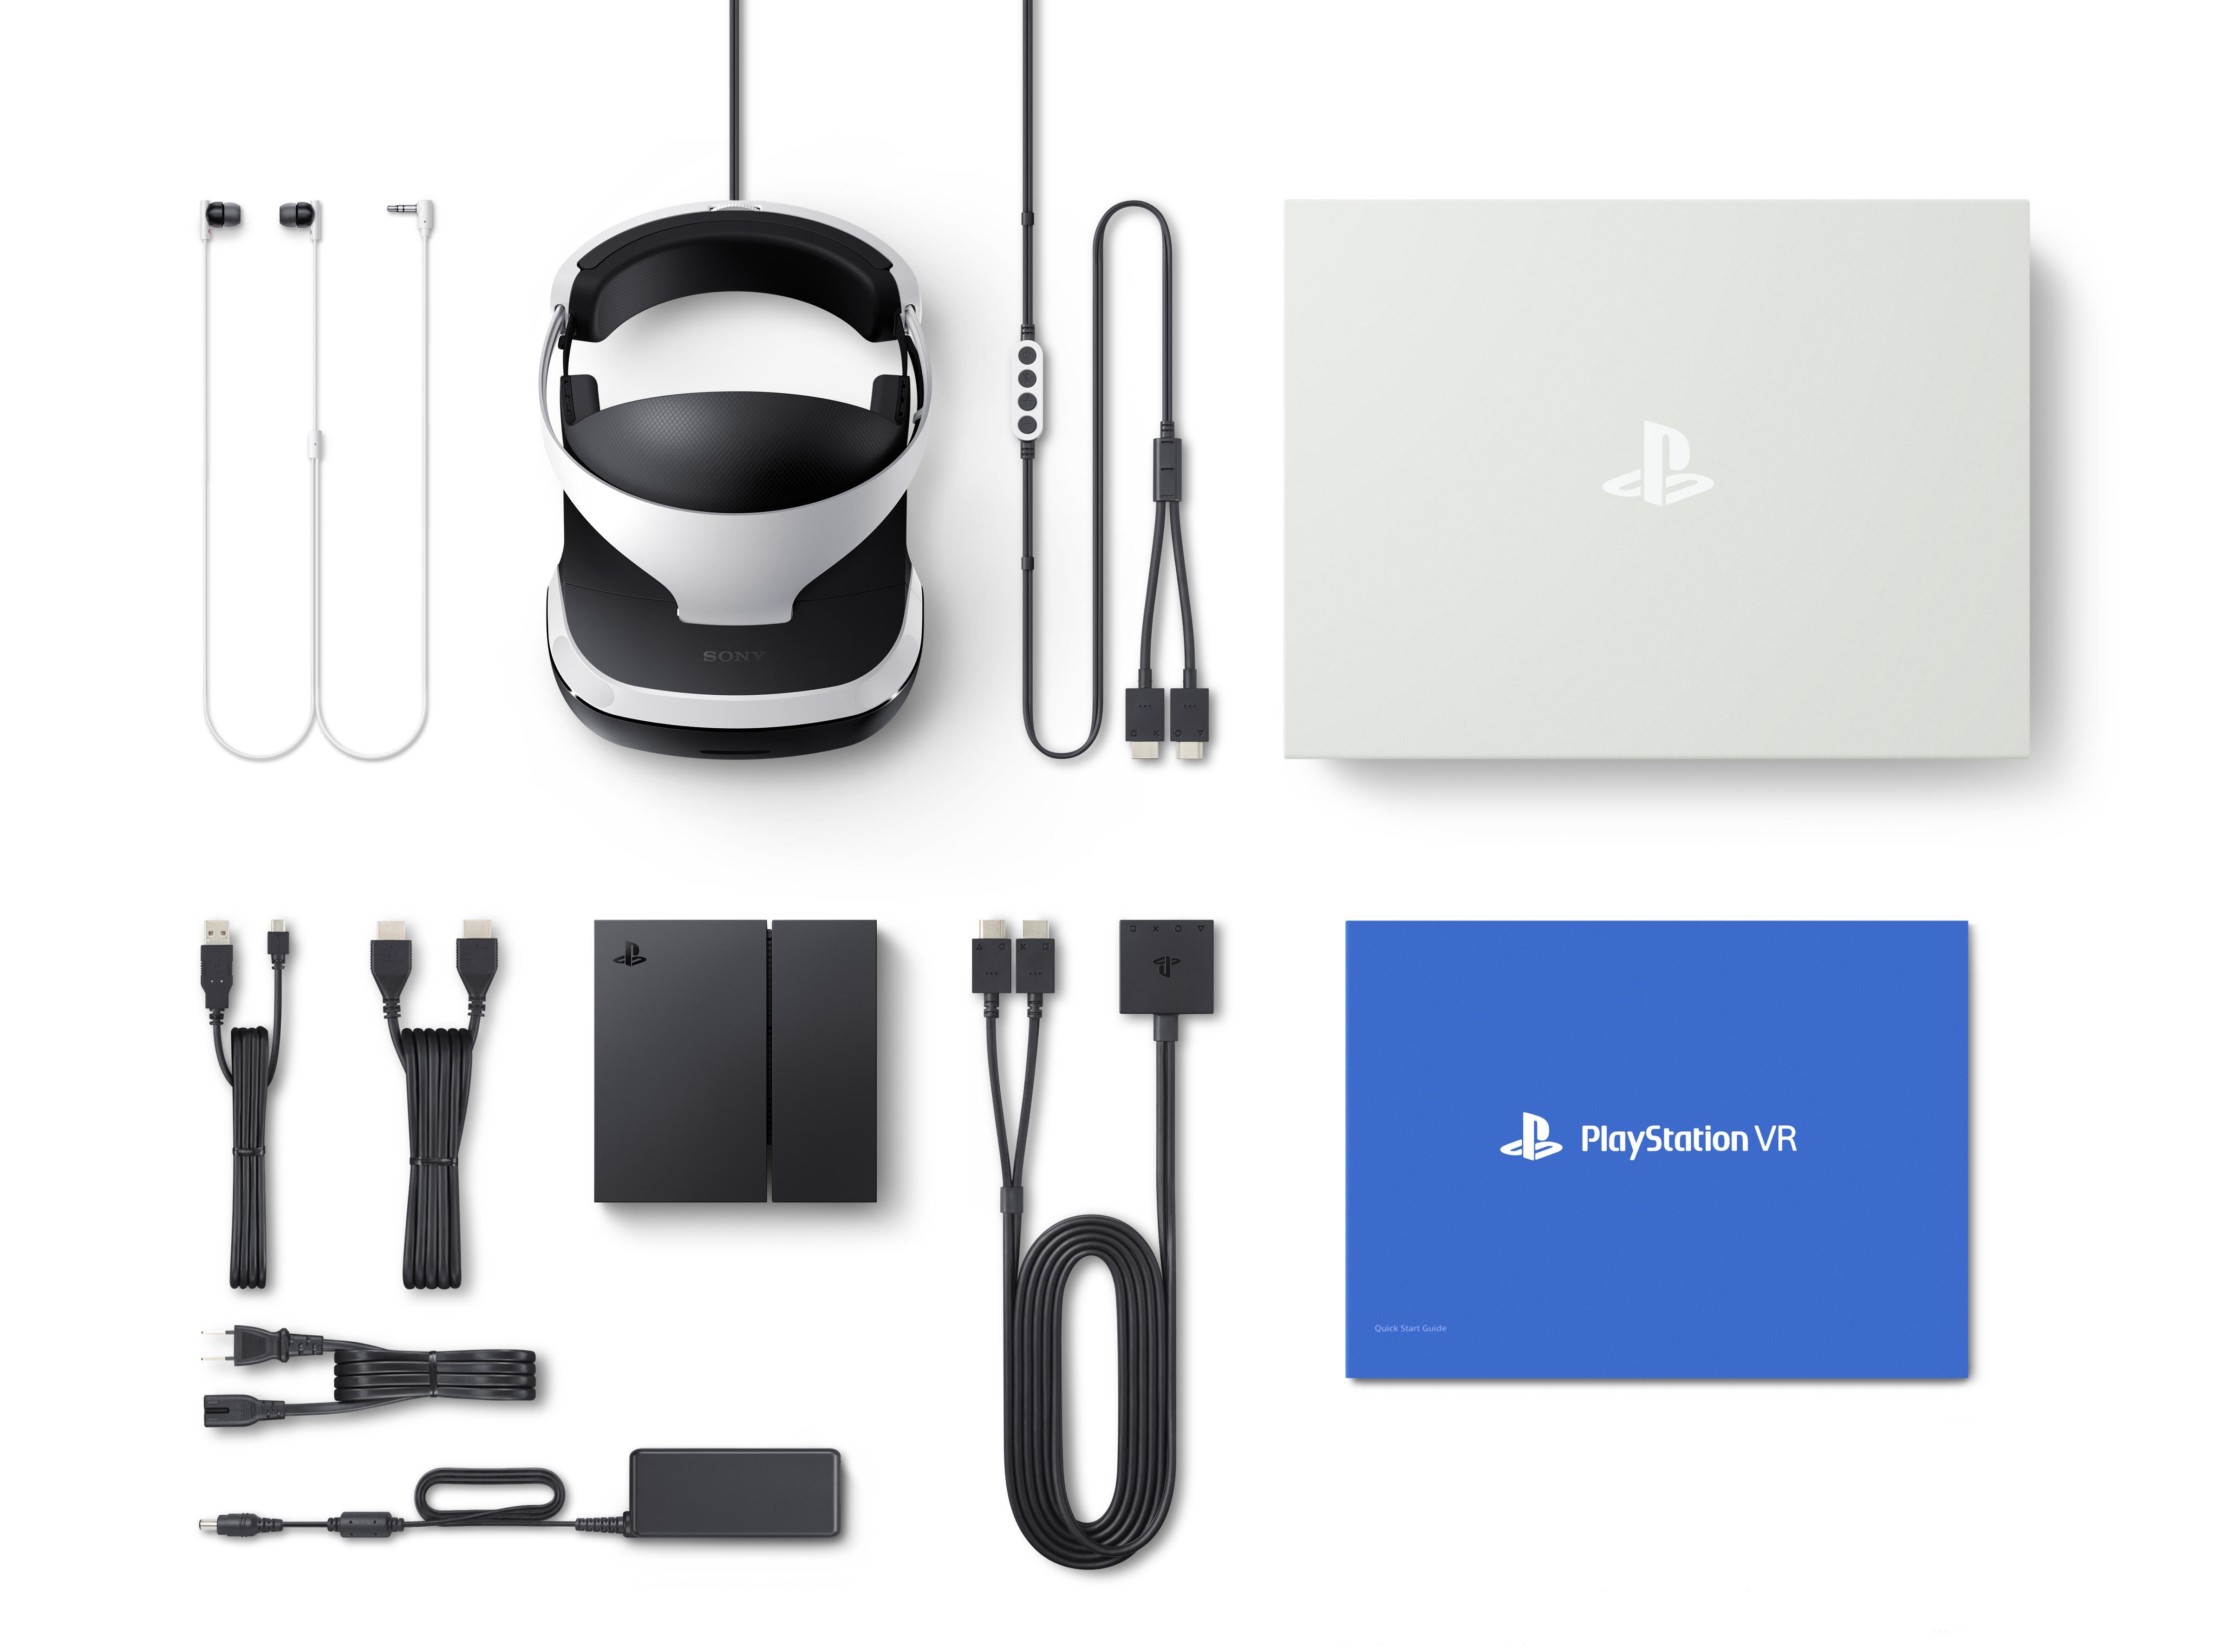 PS VR box contents